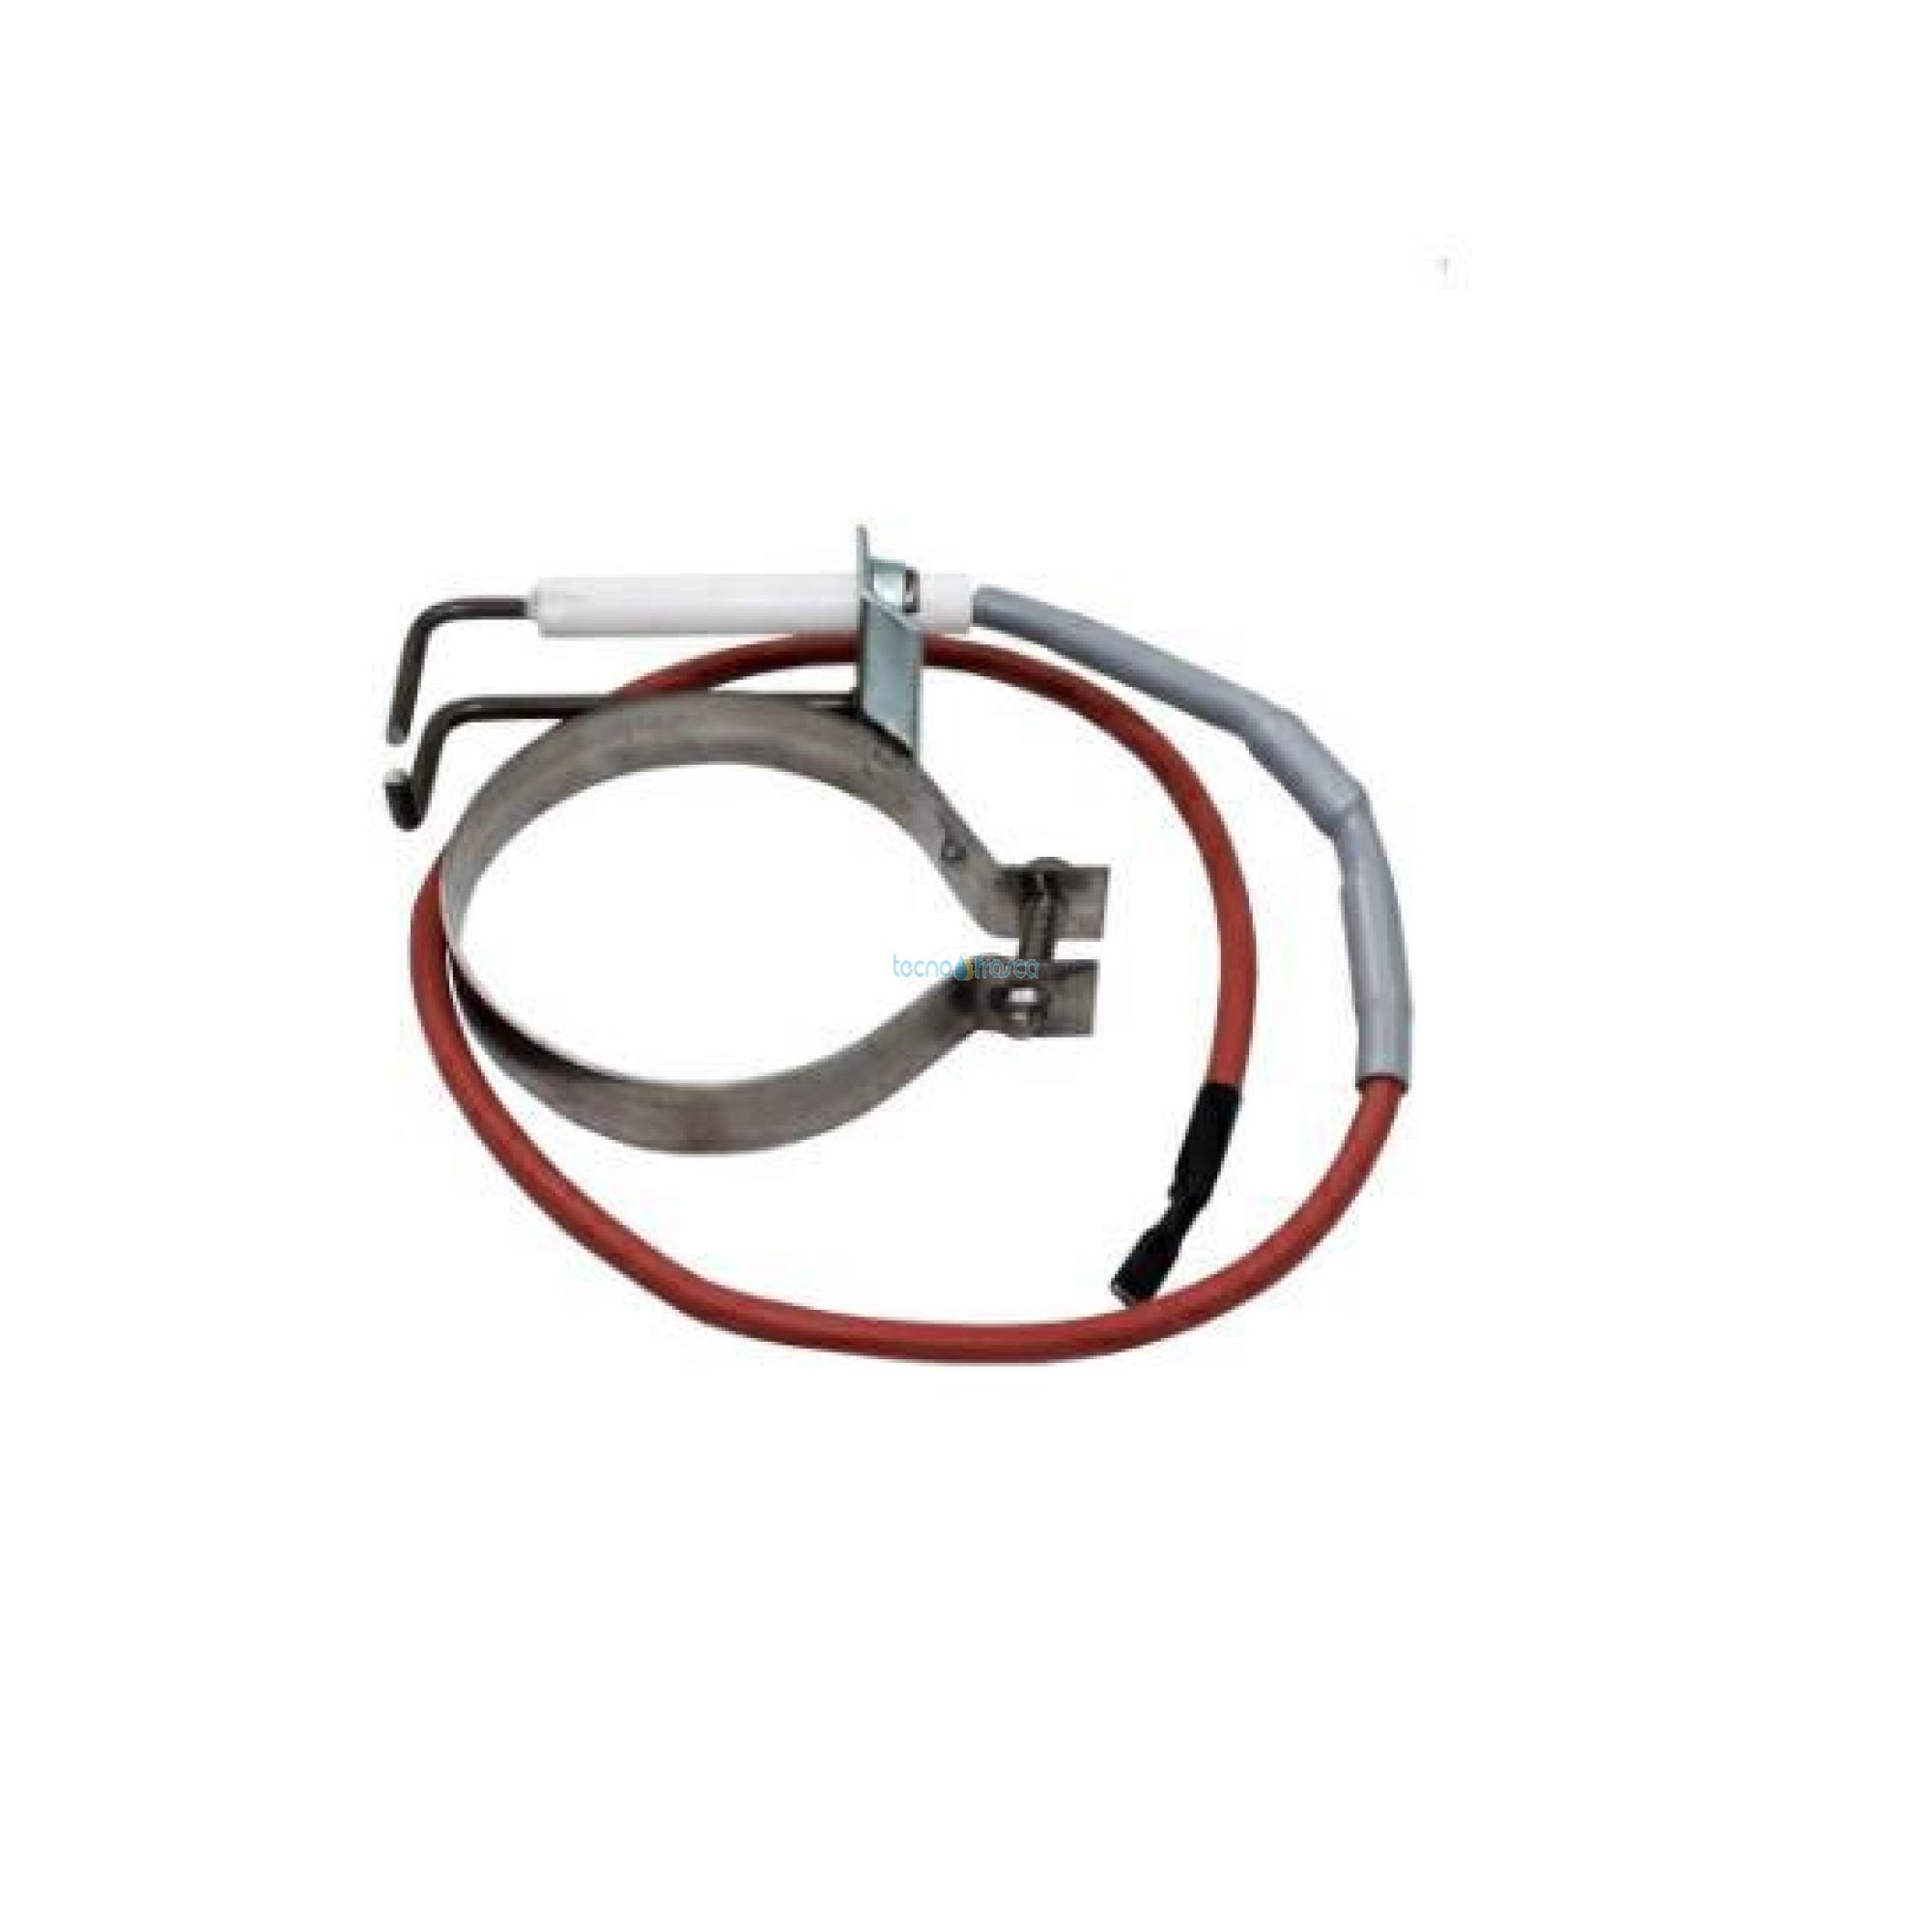 Sime elettrodo di accensione 6221612